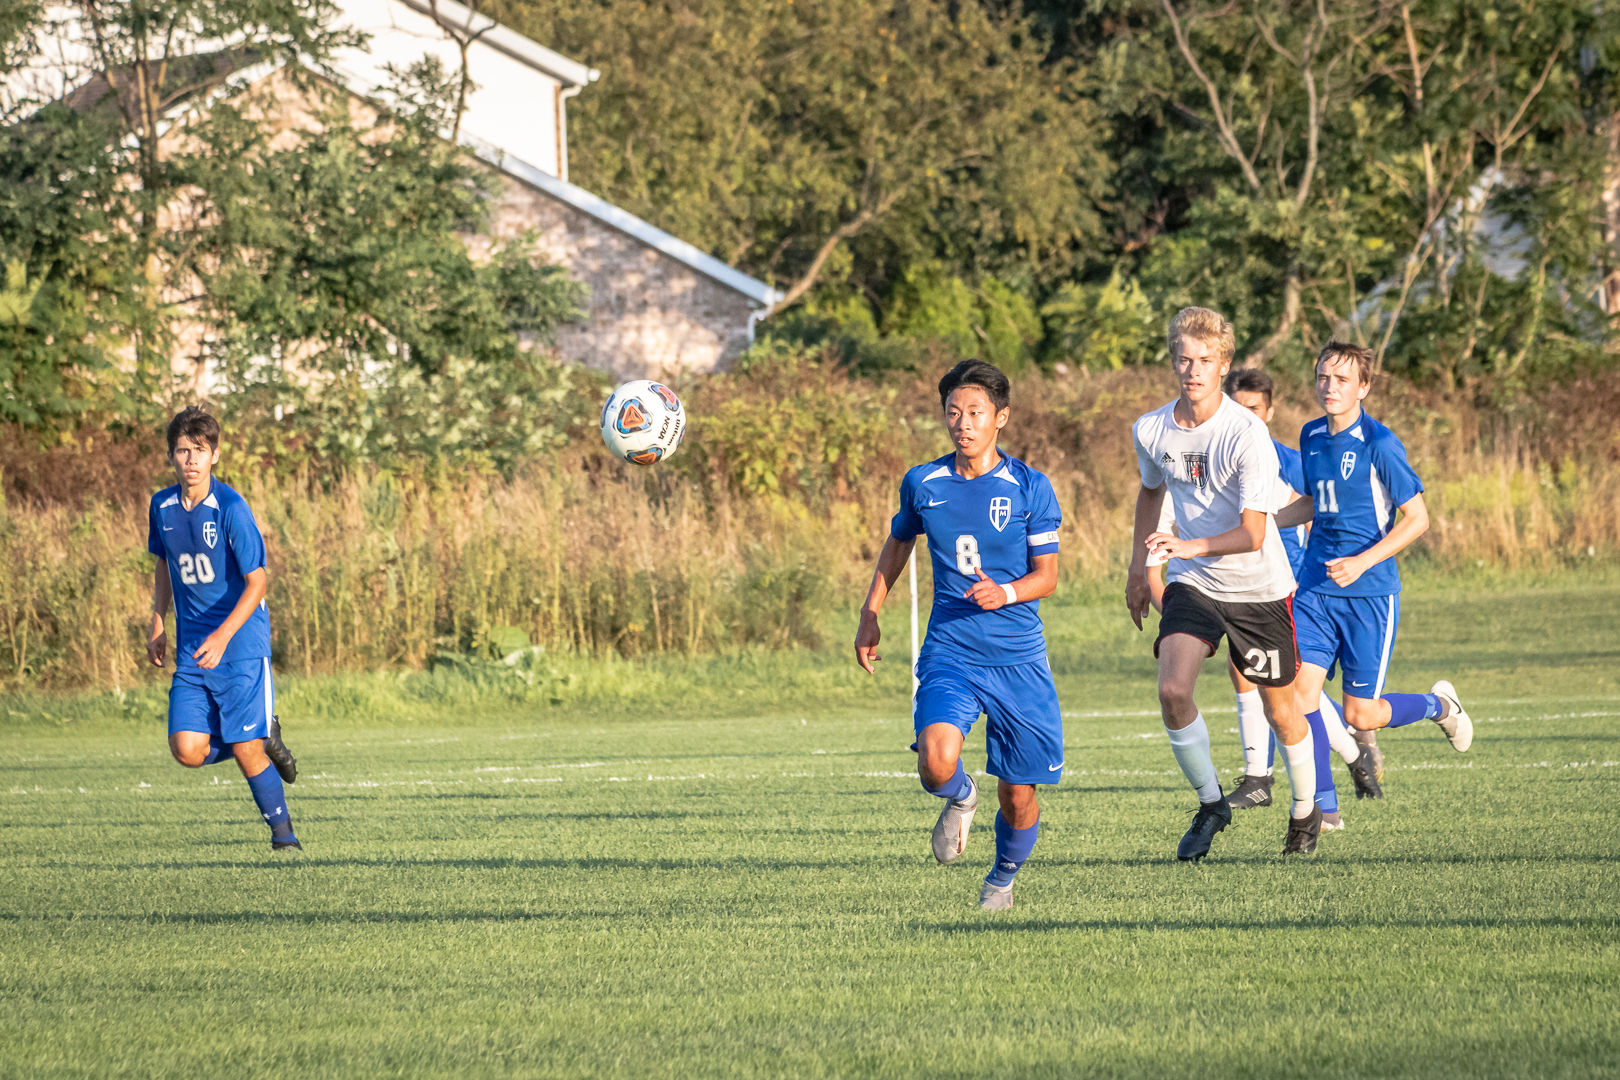 Marian-Varsity-Boys-Soccer-9439.jpg